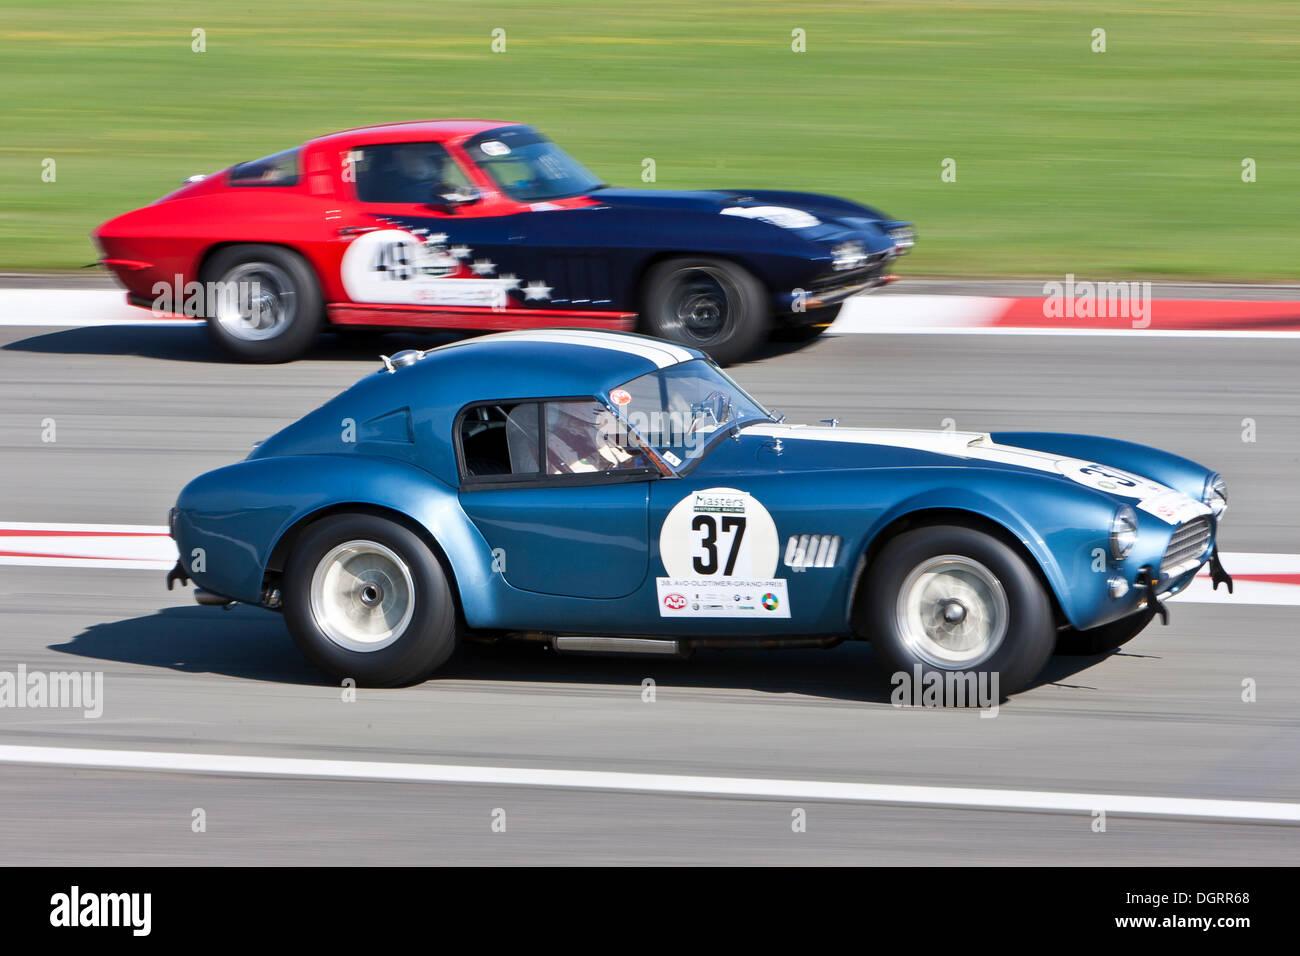 German Racing Cars Stock Photos Amp German Racing Cars Stock